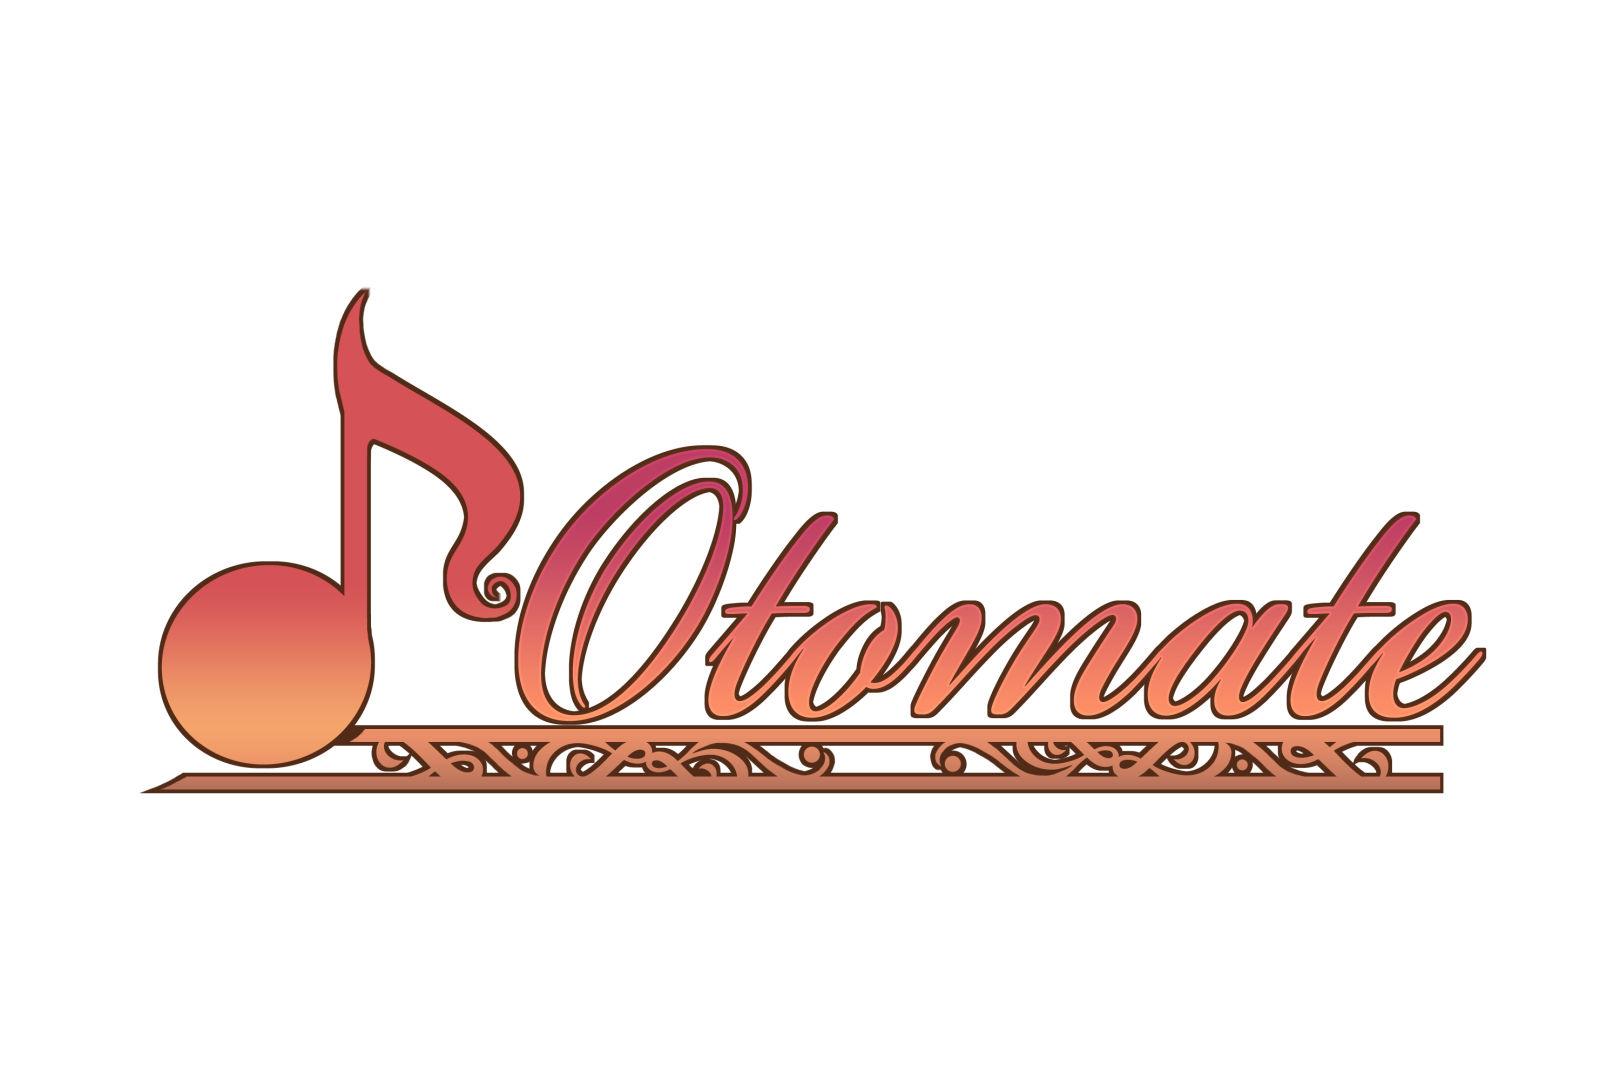 Otomate_Logo.jpg